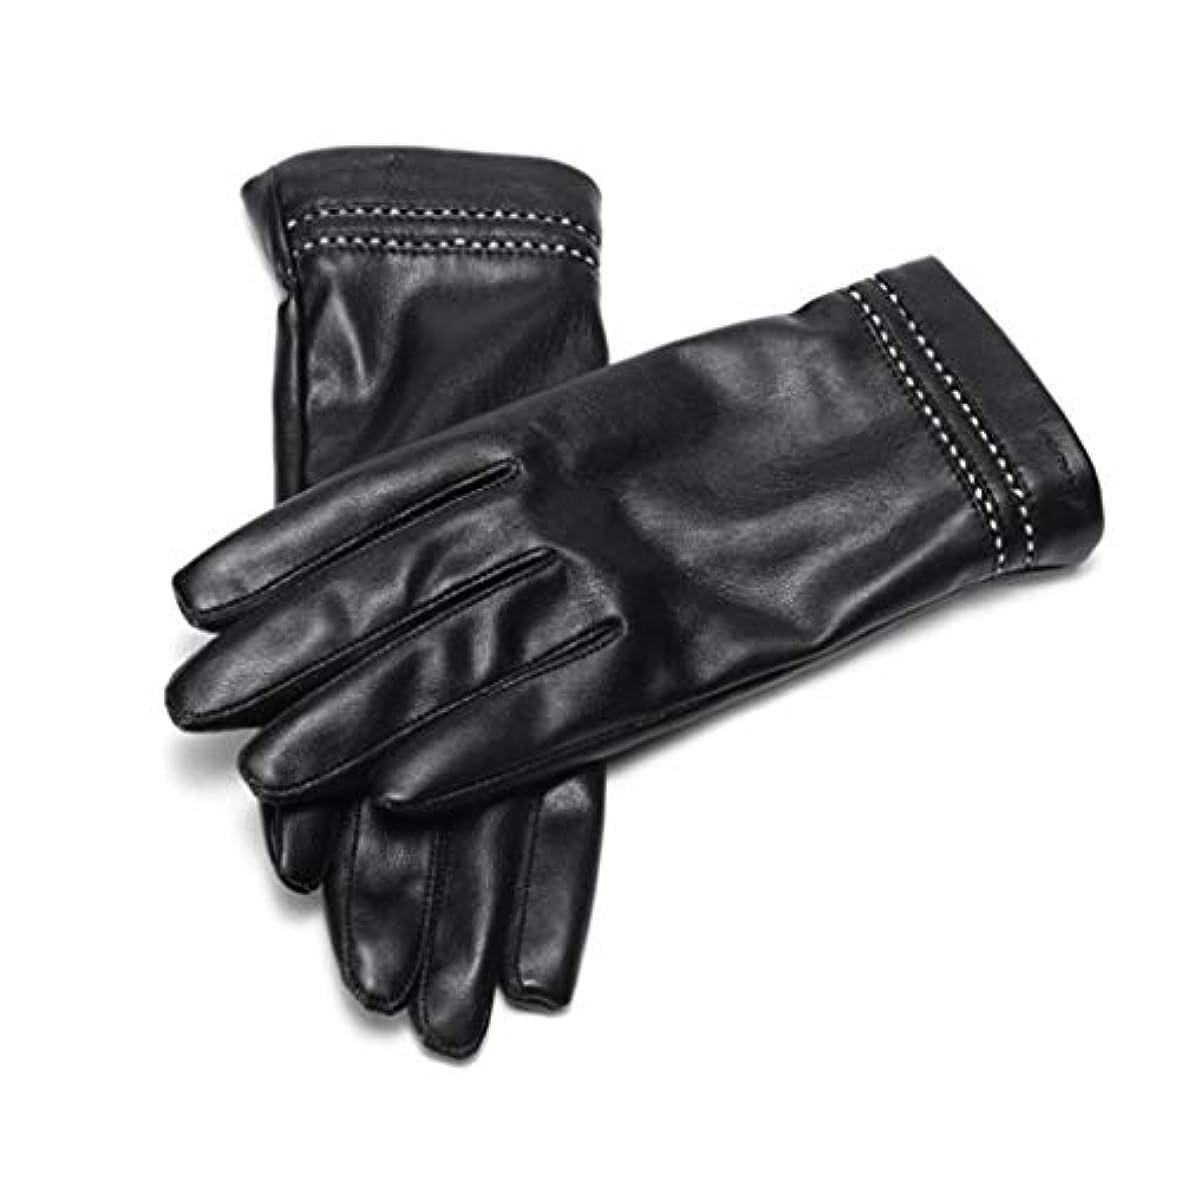 くびれた道徳の液化する女性の革手袋秋と冬のファッションプラスベルベット暖かい滑り止めのタッチスクリーン革手袋の女性671141003黒